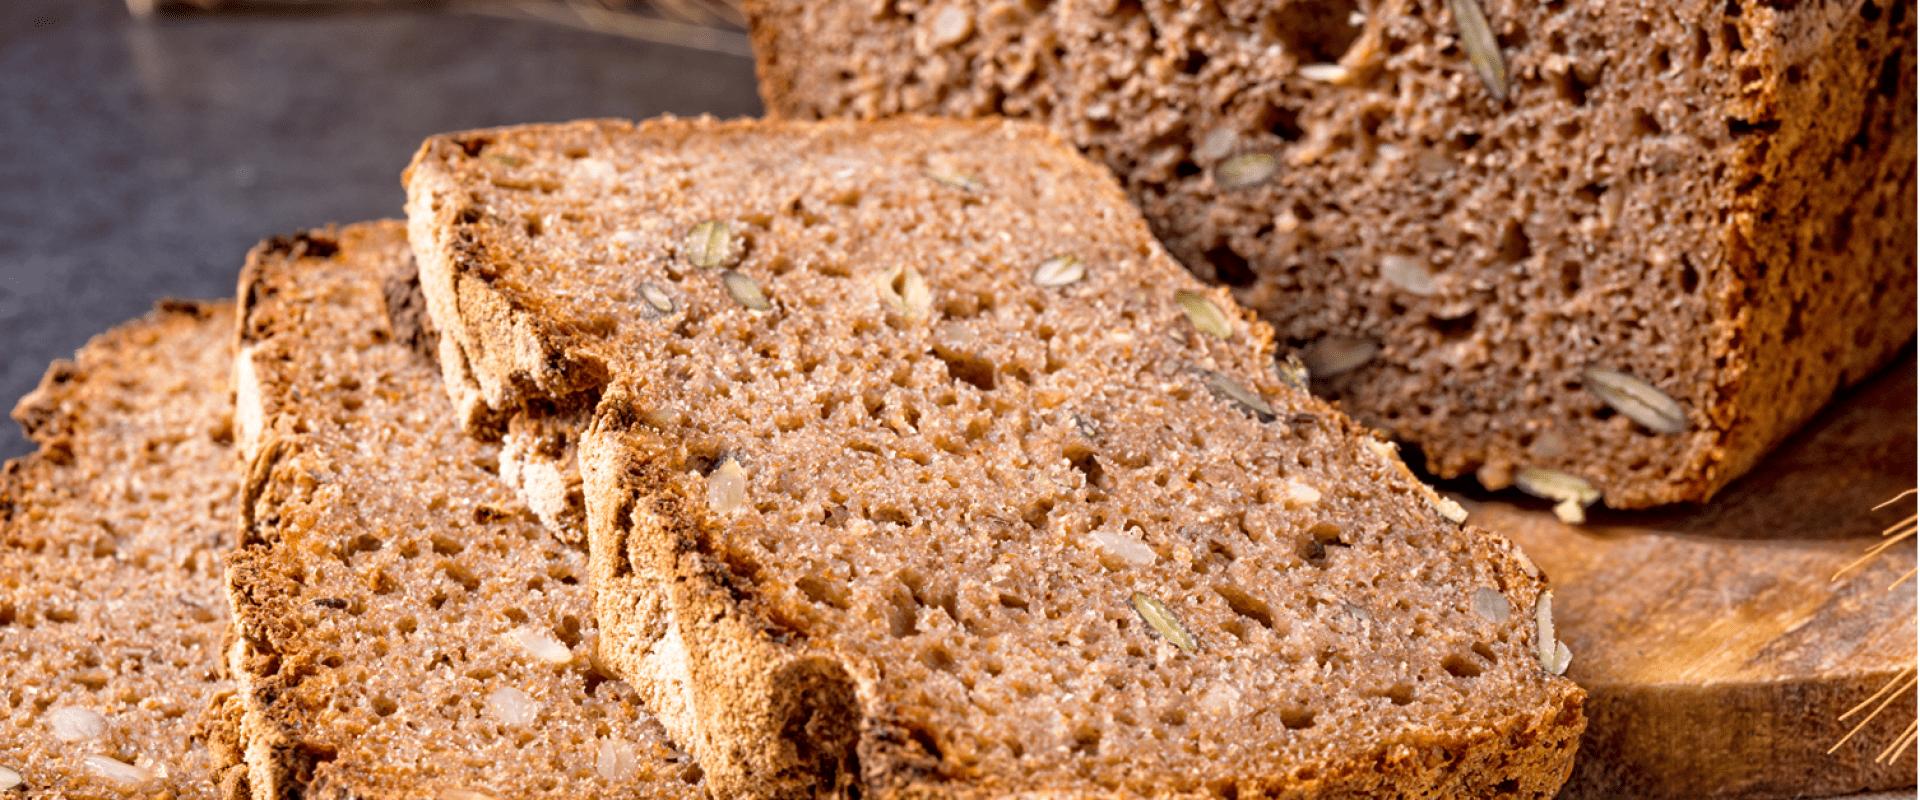 Consumați suficiente fibre pentru o dietă sănătoasă?